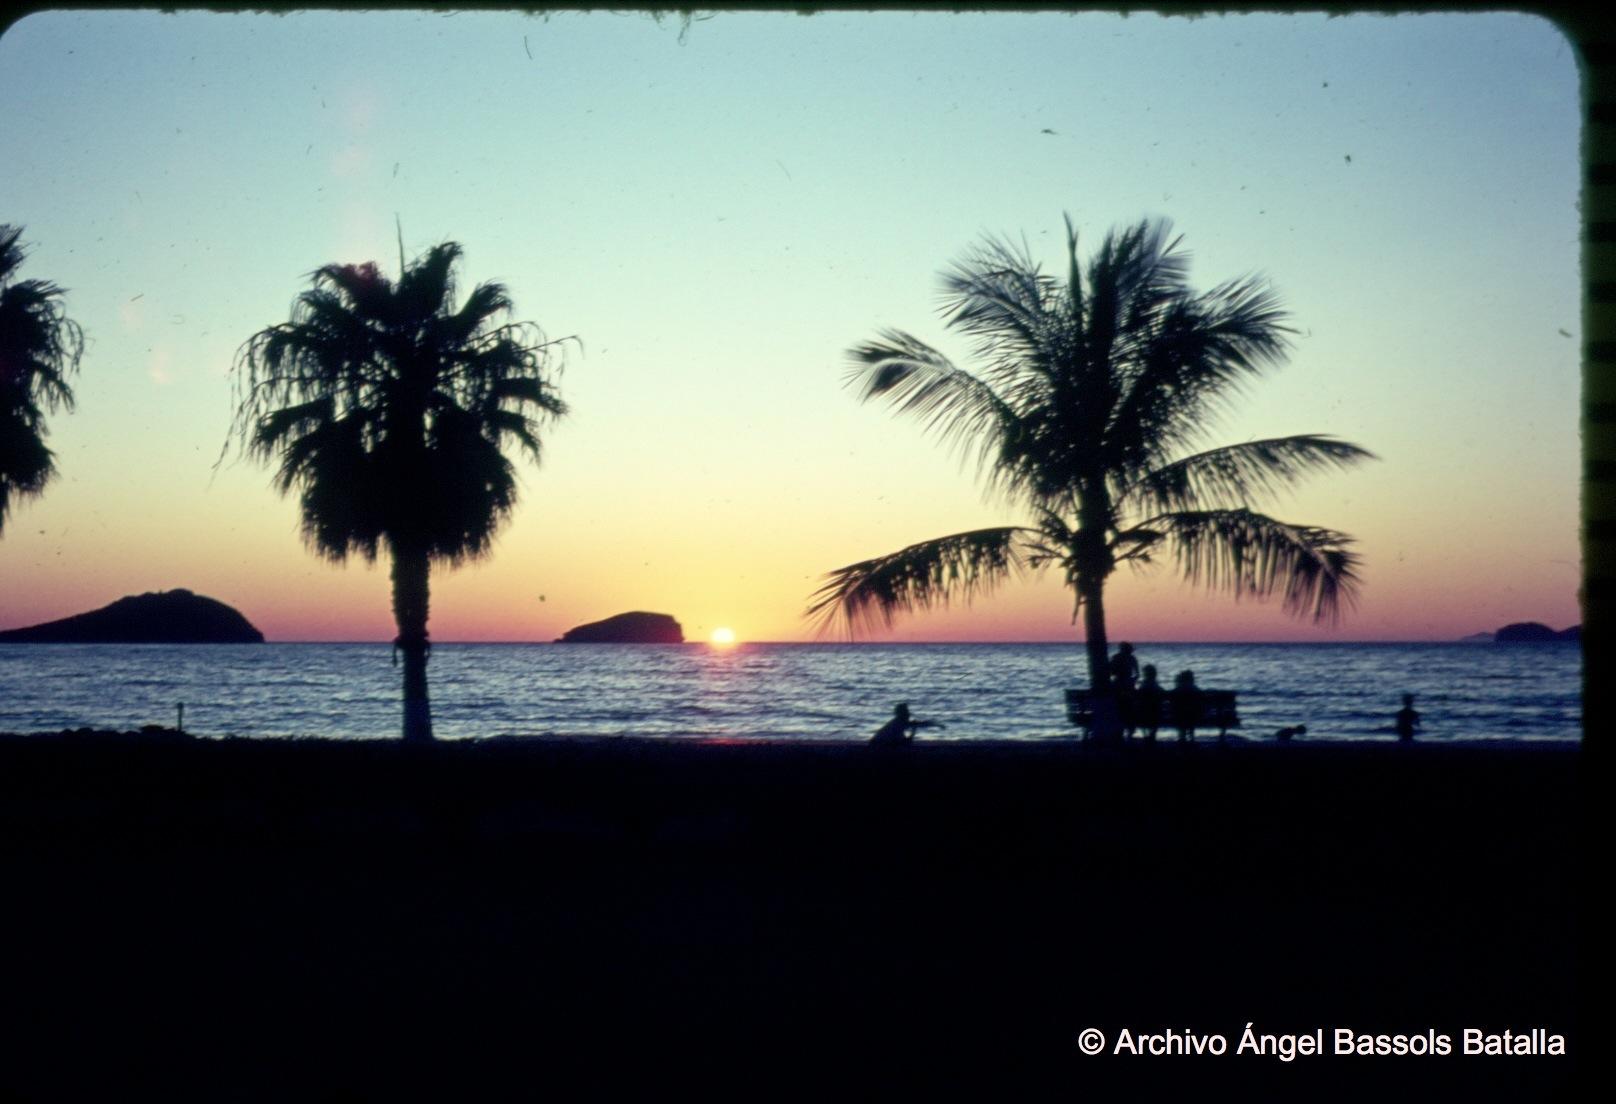 Atardecer en playa Miramar al Norte de Guaymas